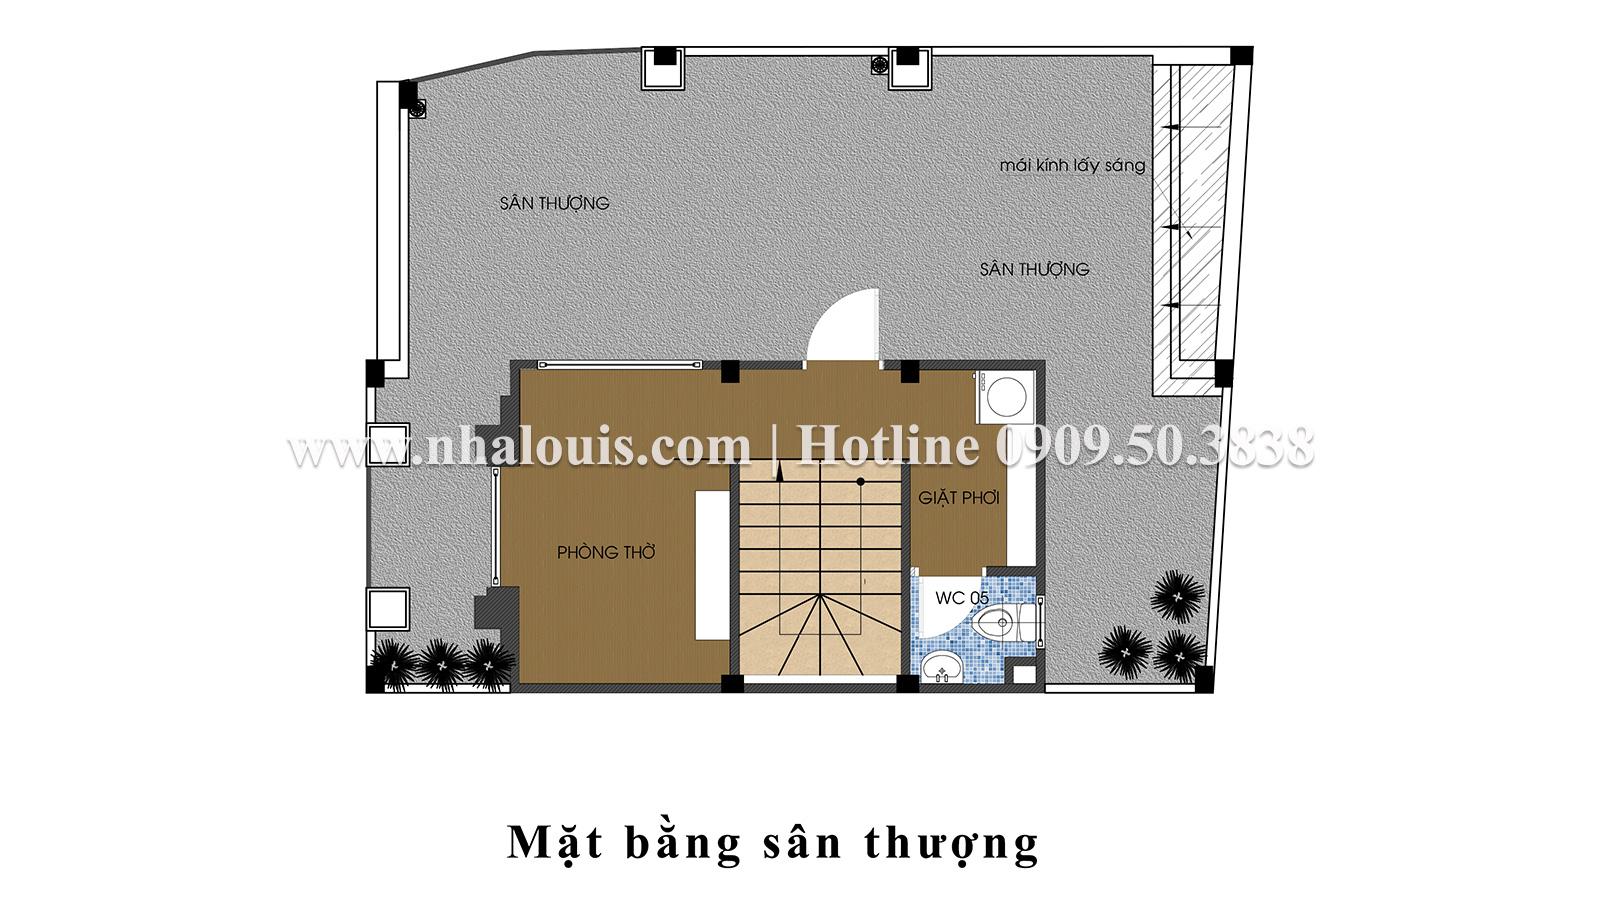 Mặt bằng tầng thượng Mẫu nhà ống tân cổ điển 4 tầng tại Gò Vấp đẹp sang chảnh - 56